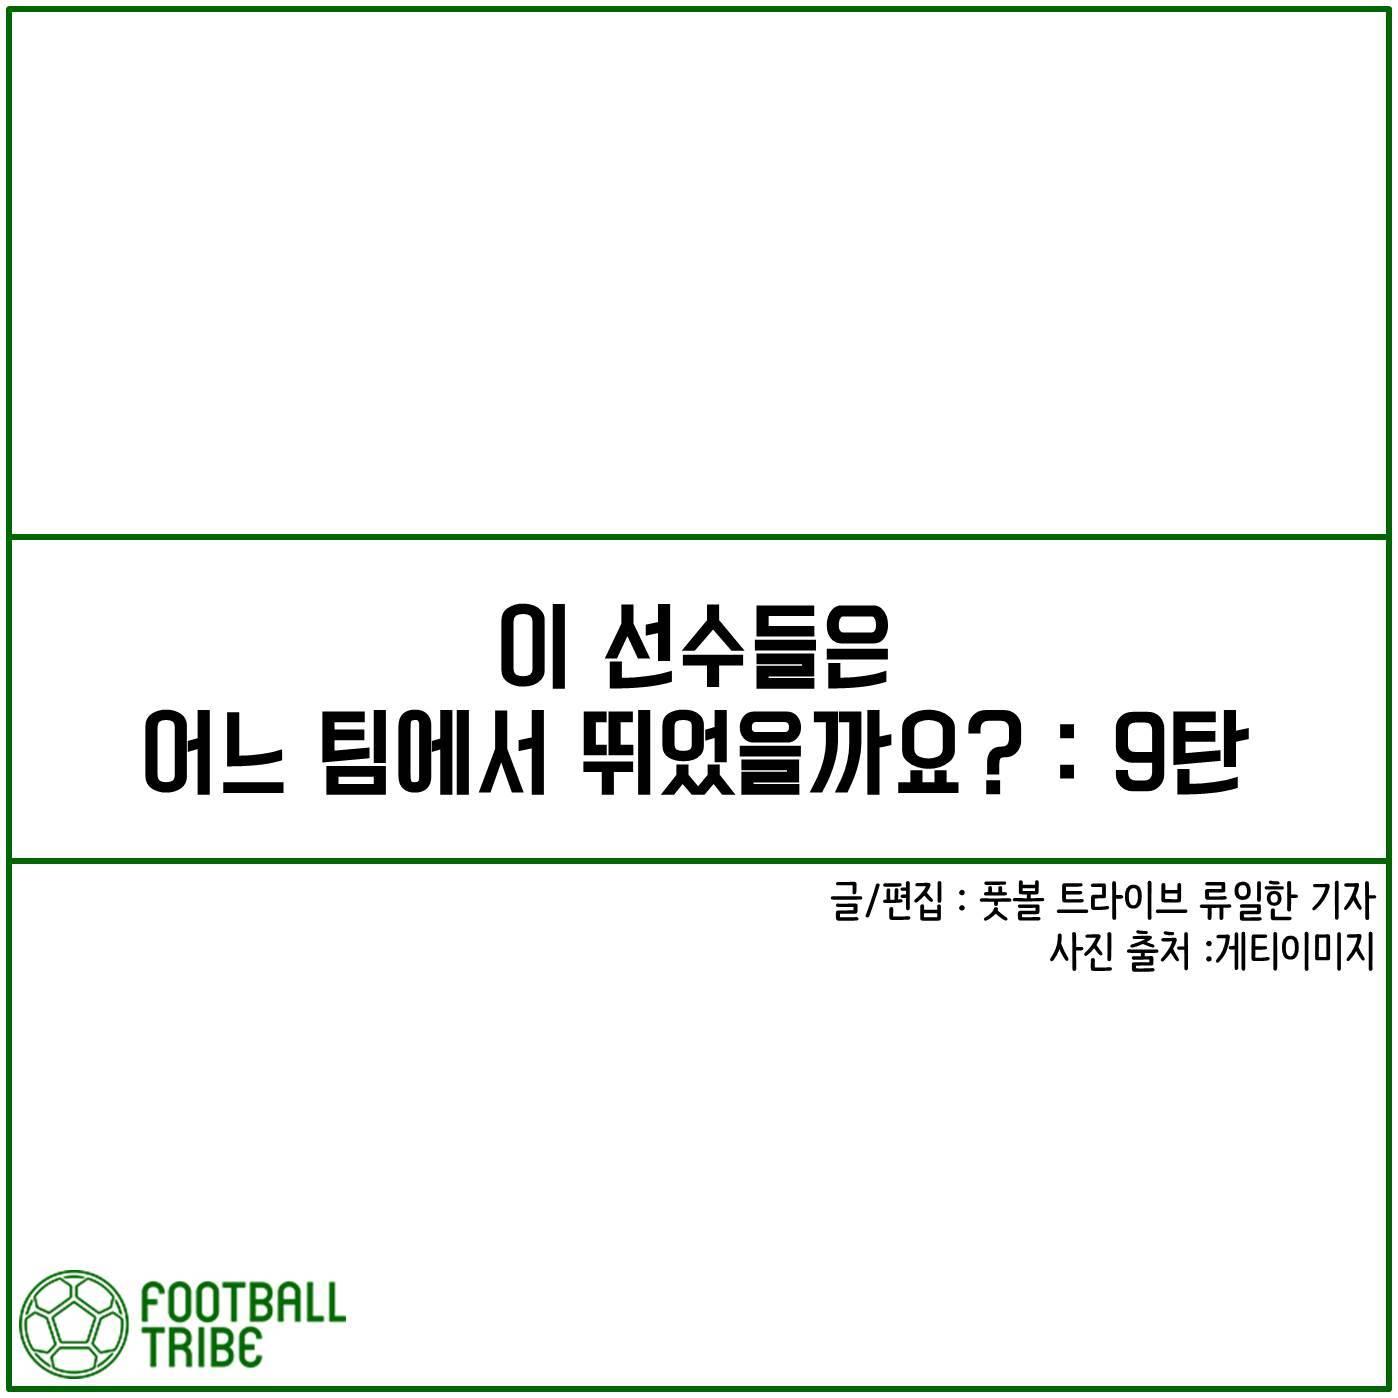 [카드 뉴스] 이 선수들은 어느 팀에서 뛰었을까요?: 9탄